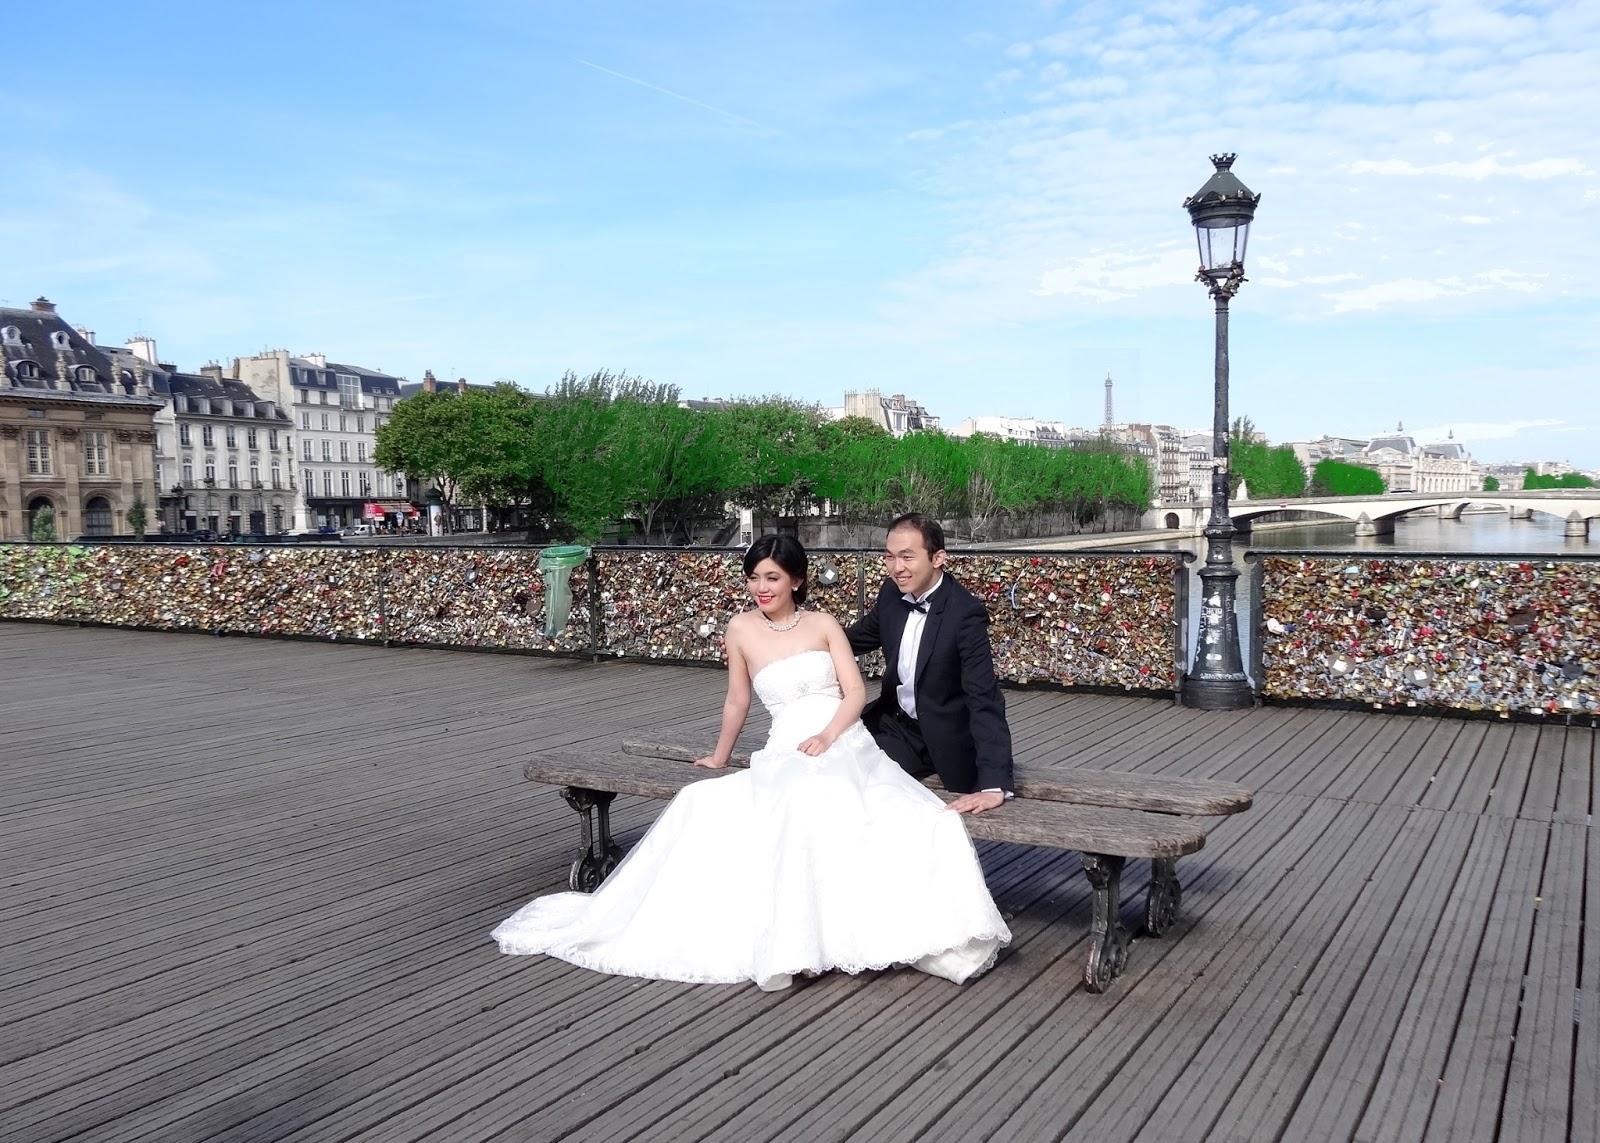 Sur le pont des arts - Pont des cadenas paris adresse ...